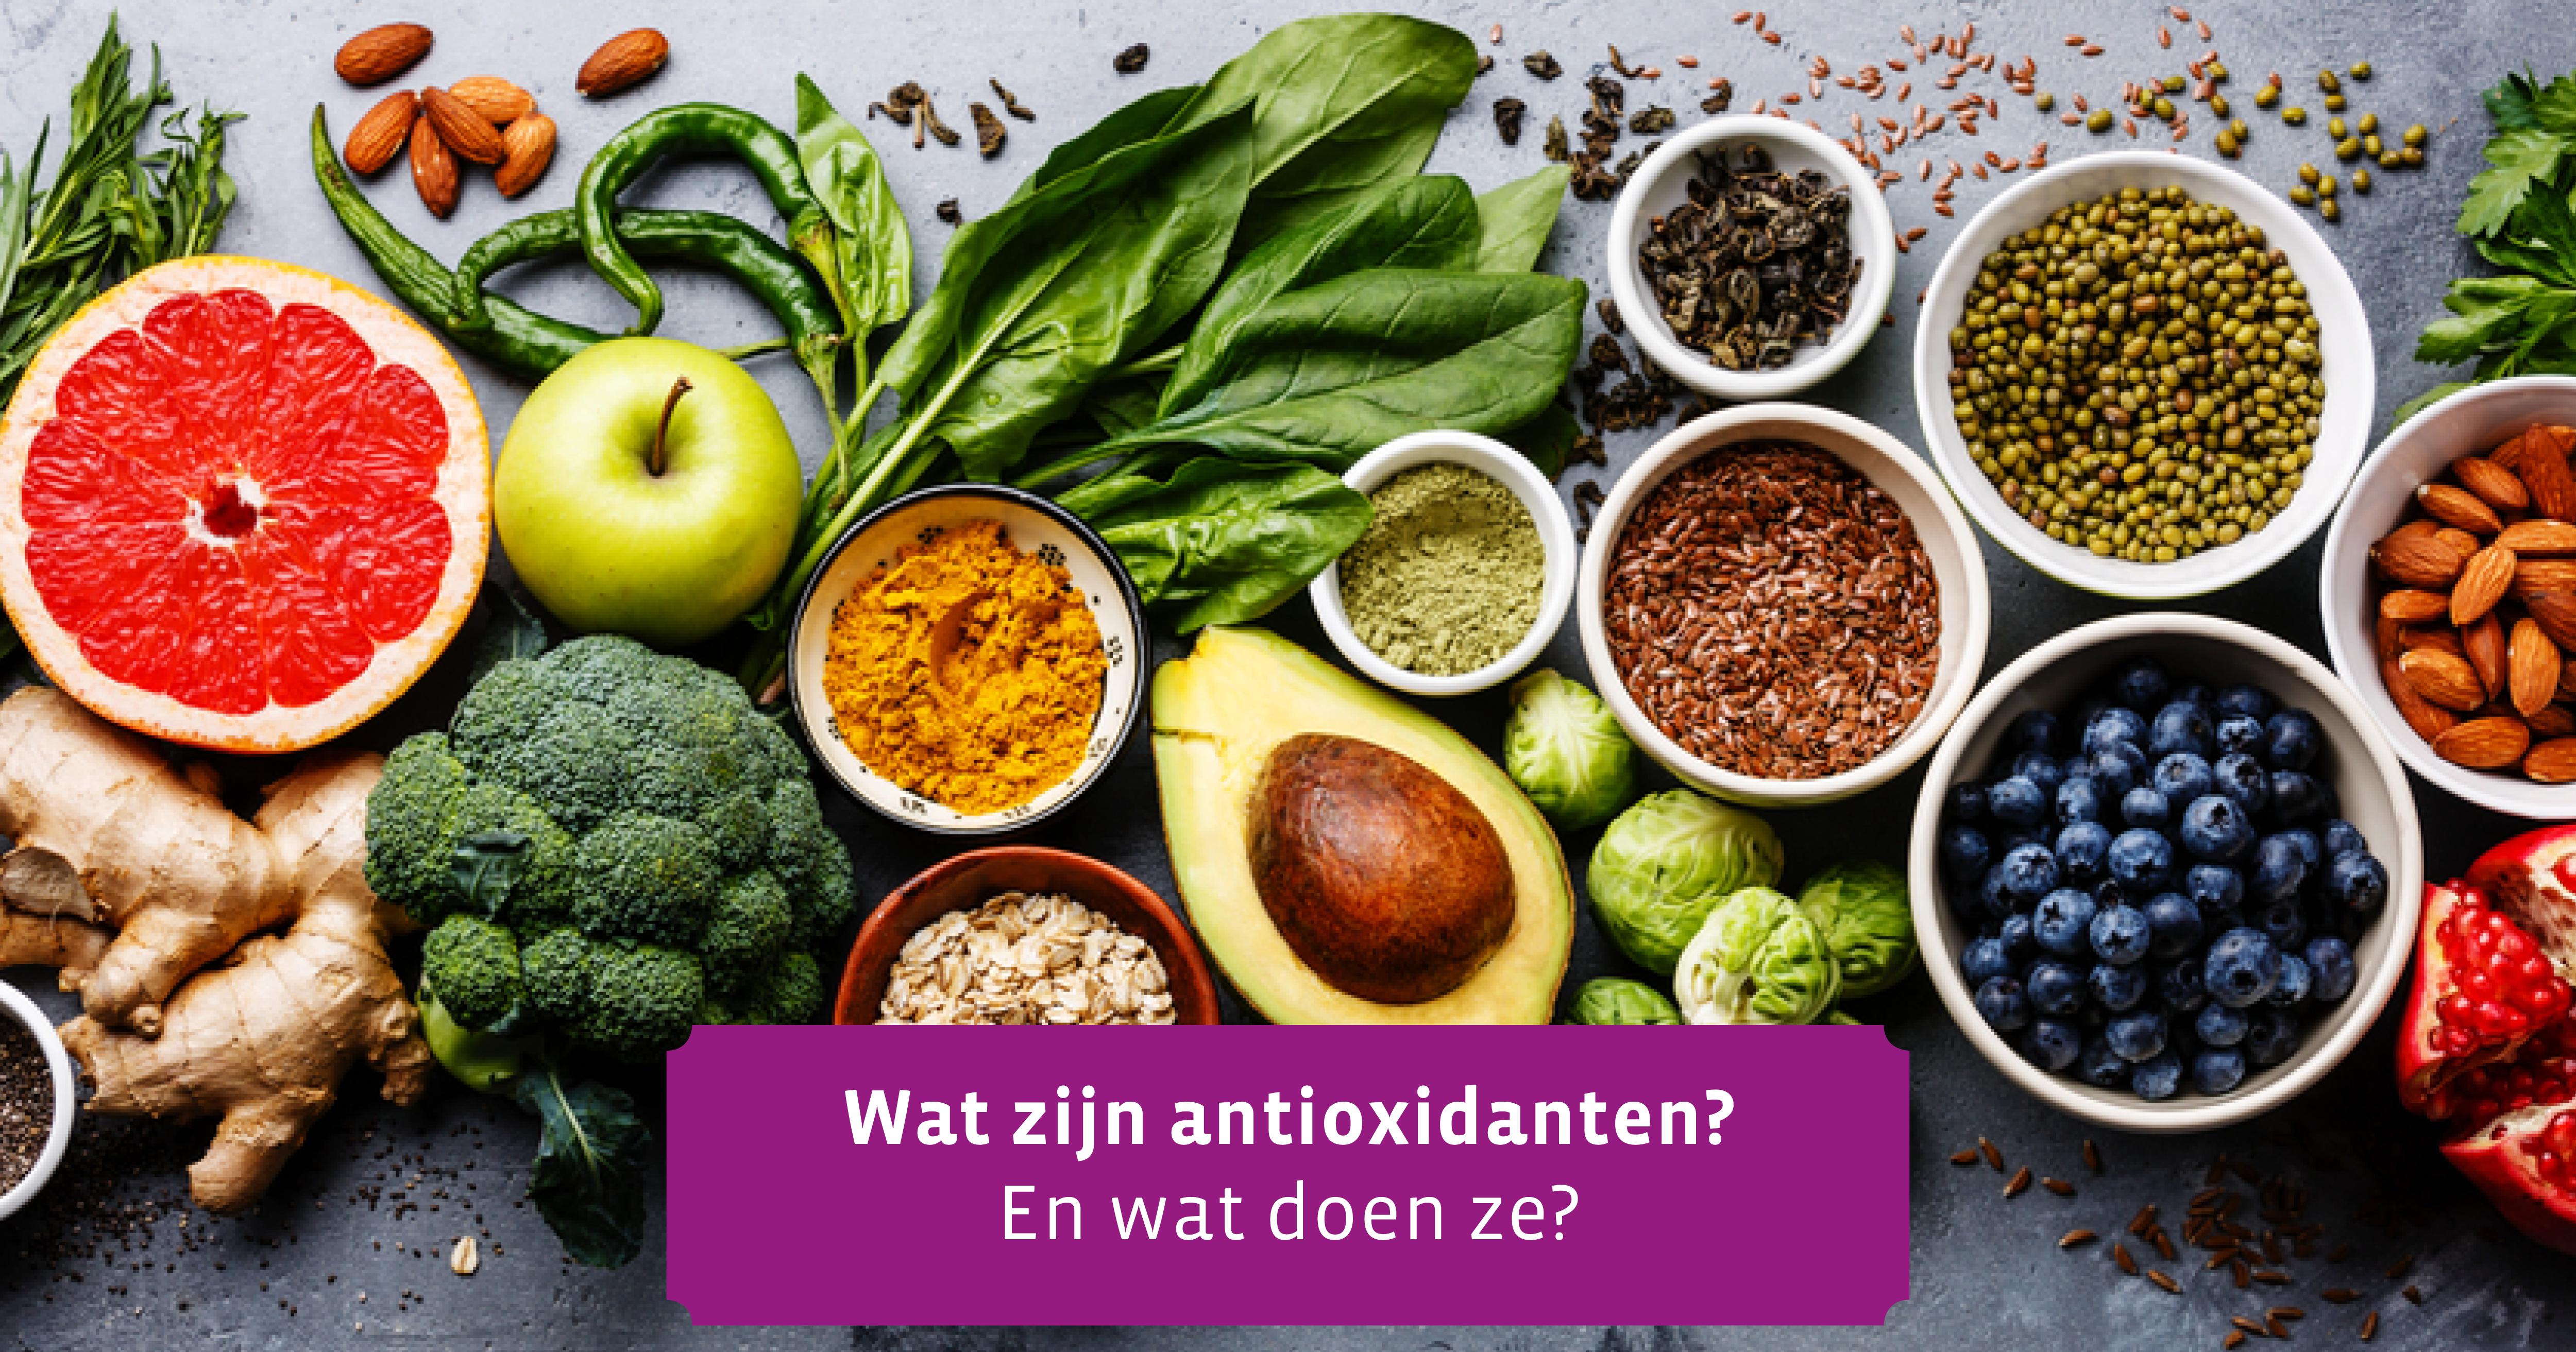 te veel antioxidanten